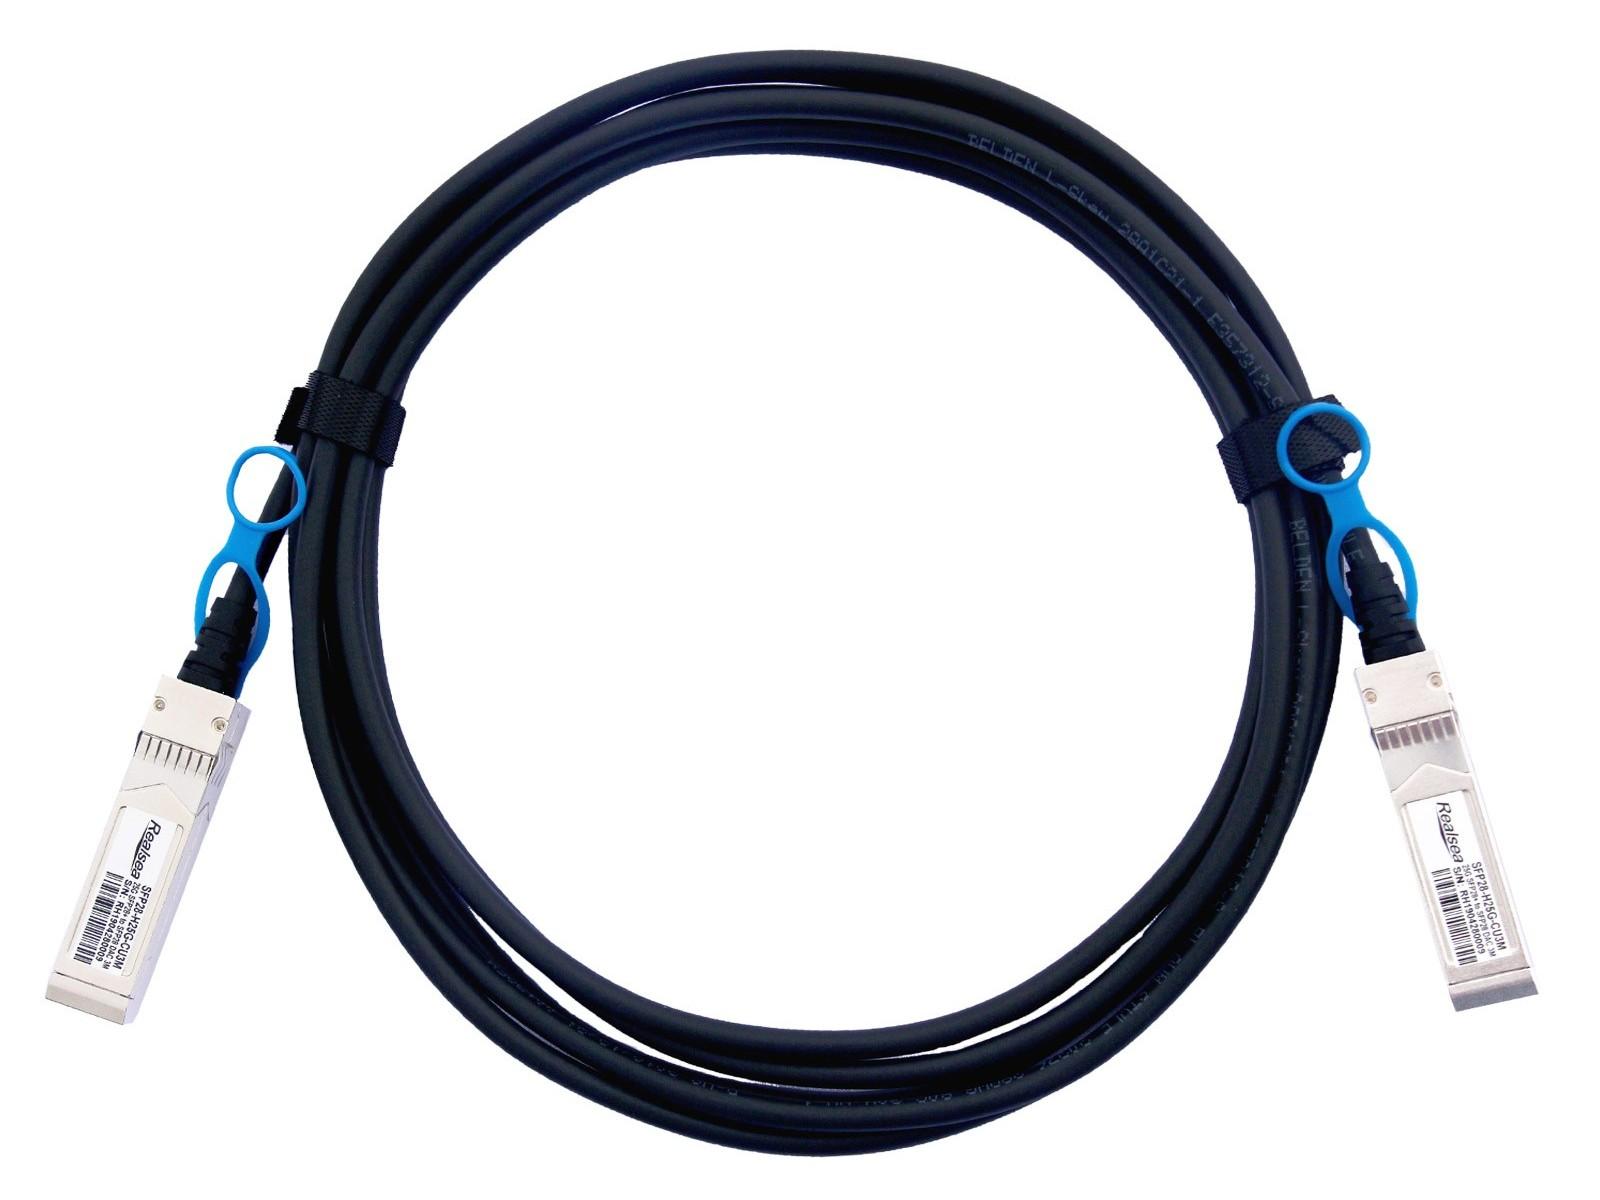 锐捷RUIJIE兼容 SFP28-25G-CU0.5M SFP28 转 SFP28 DAC高速线缆铜缆